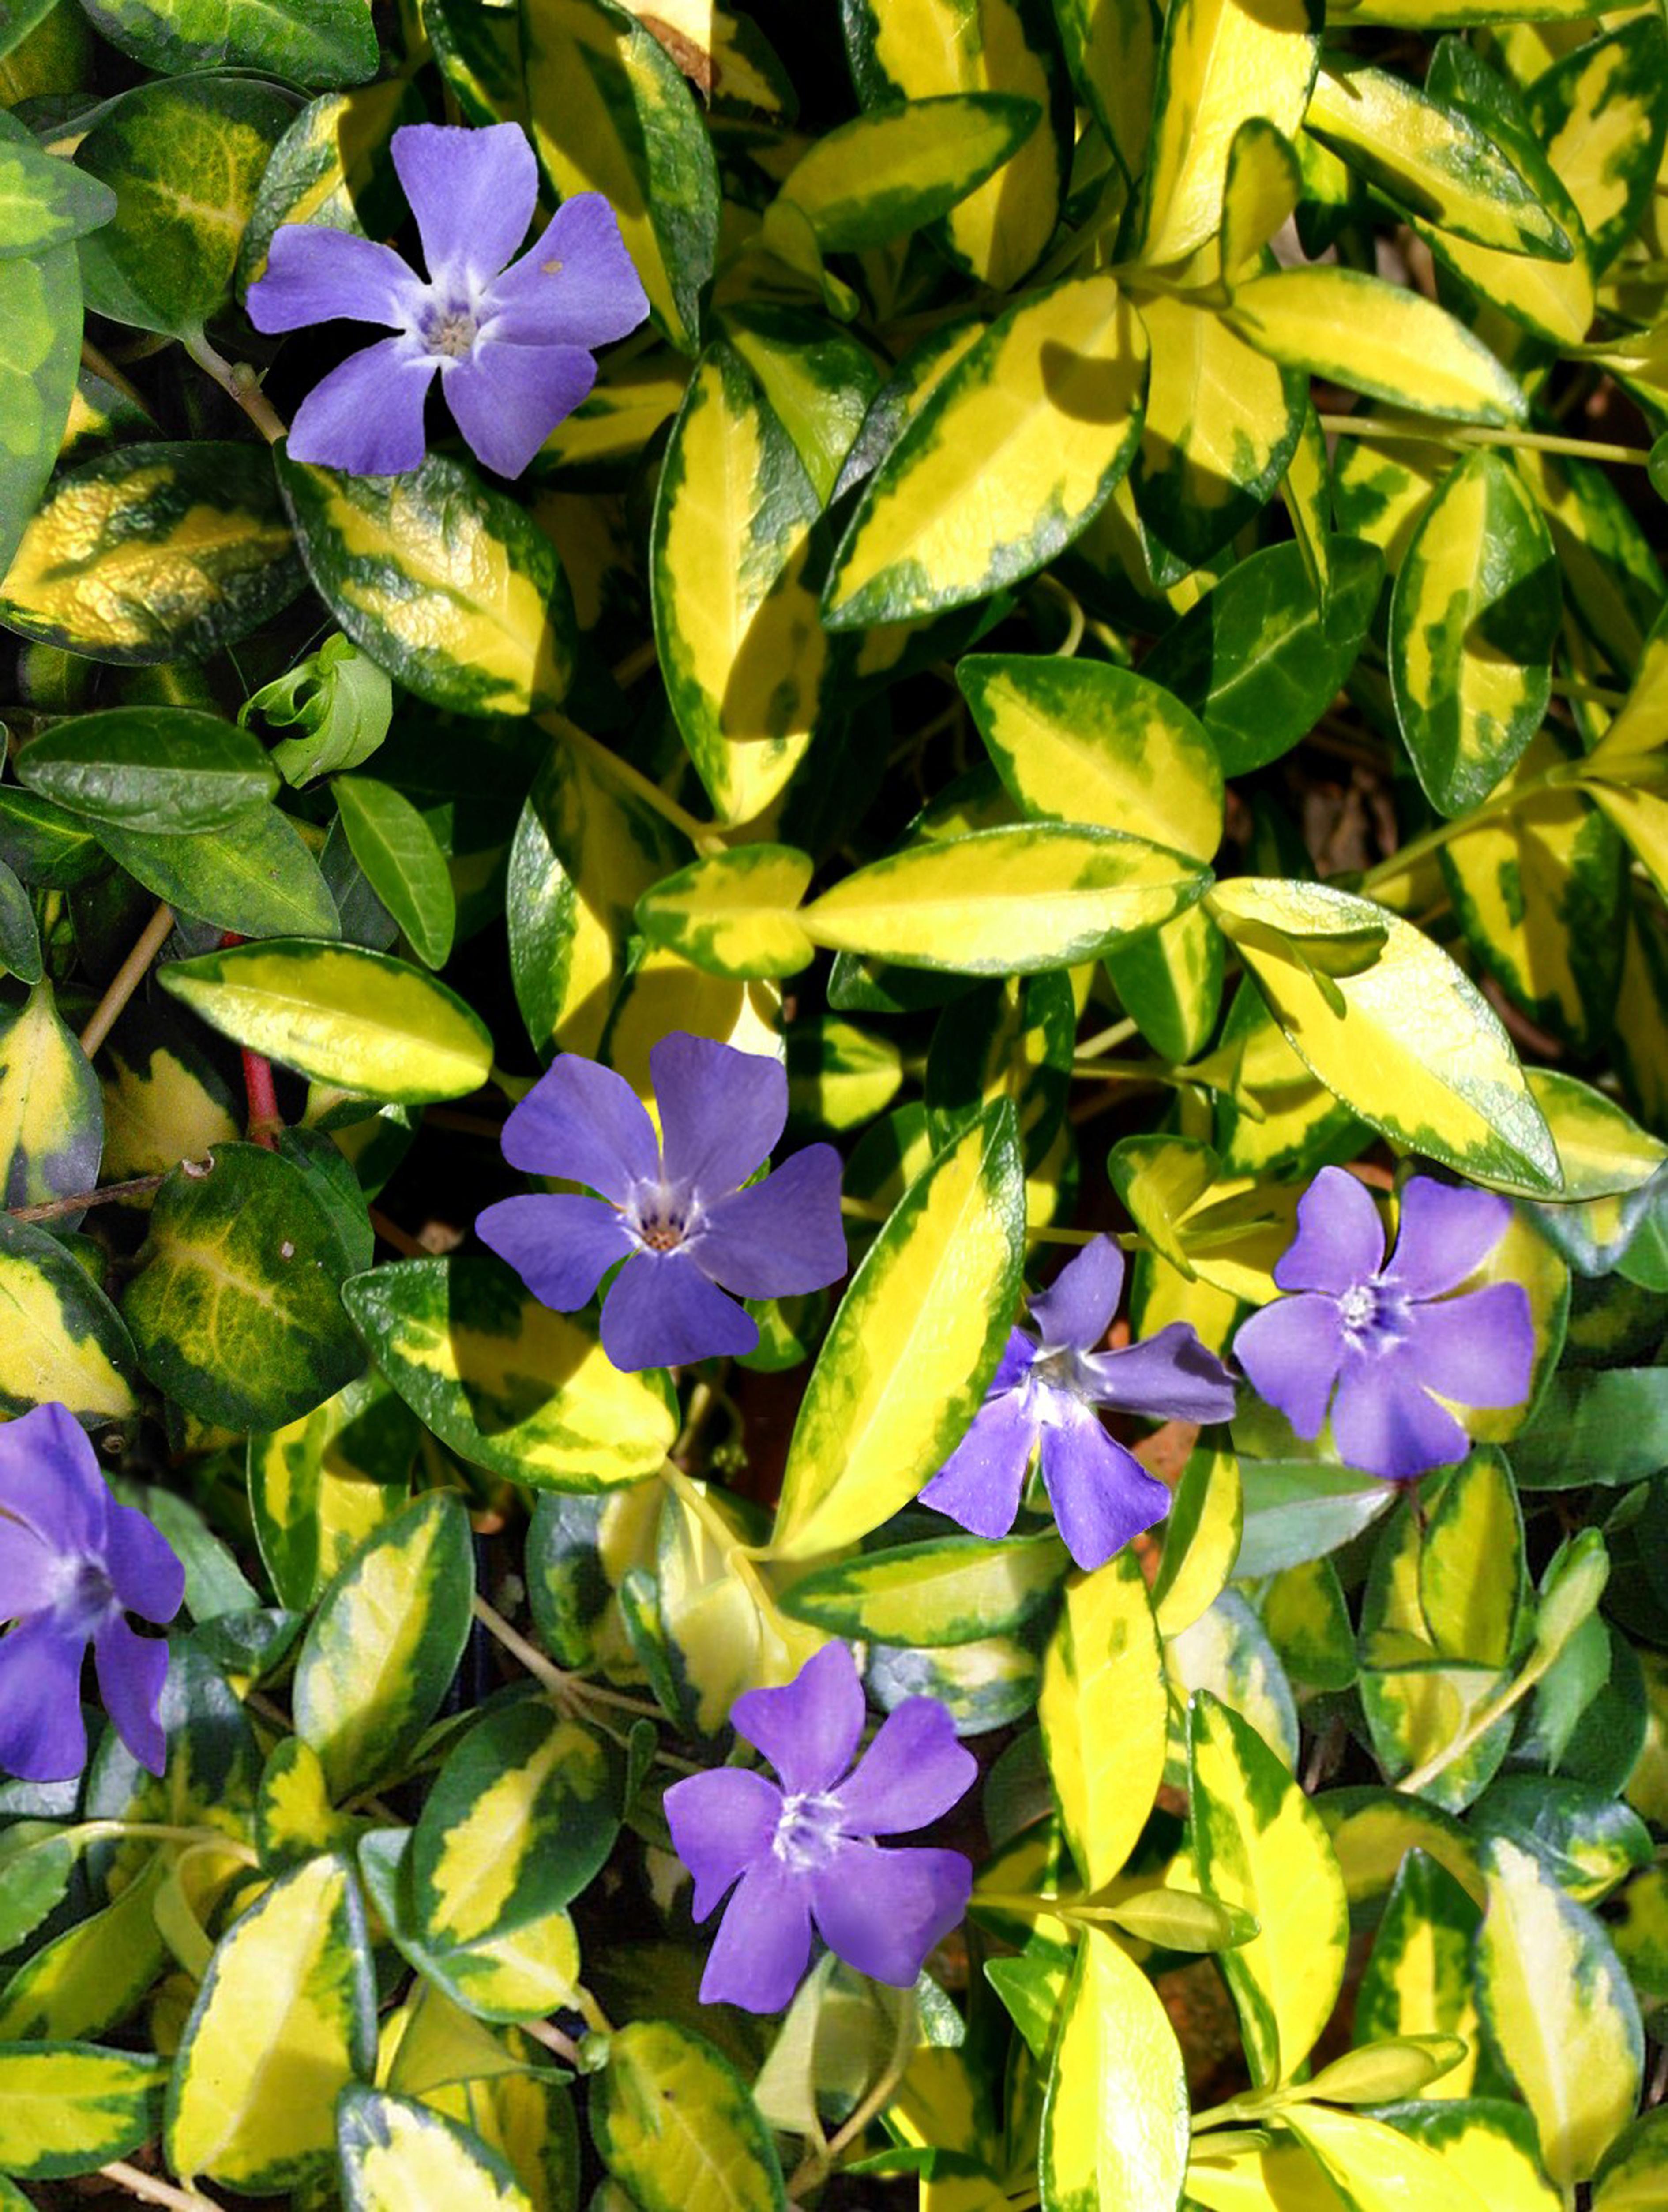 описание и фото цветка барвинок бесплатная доставка продуктов